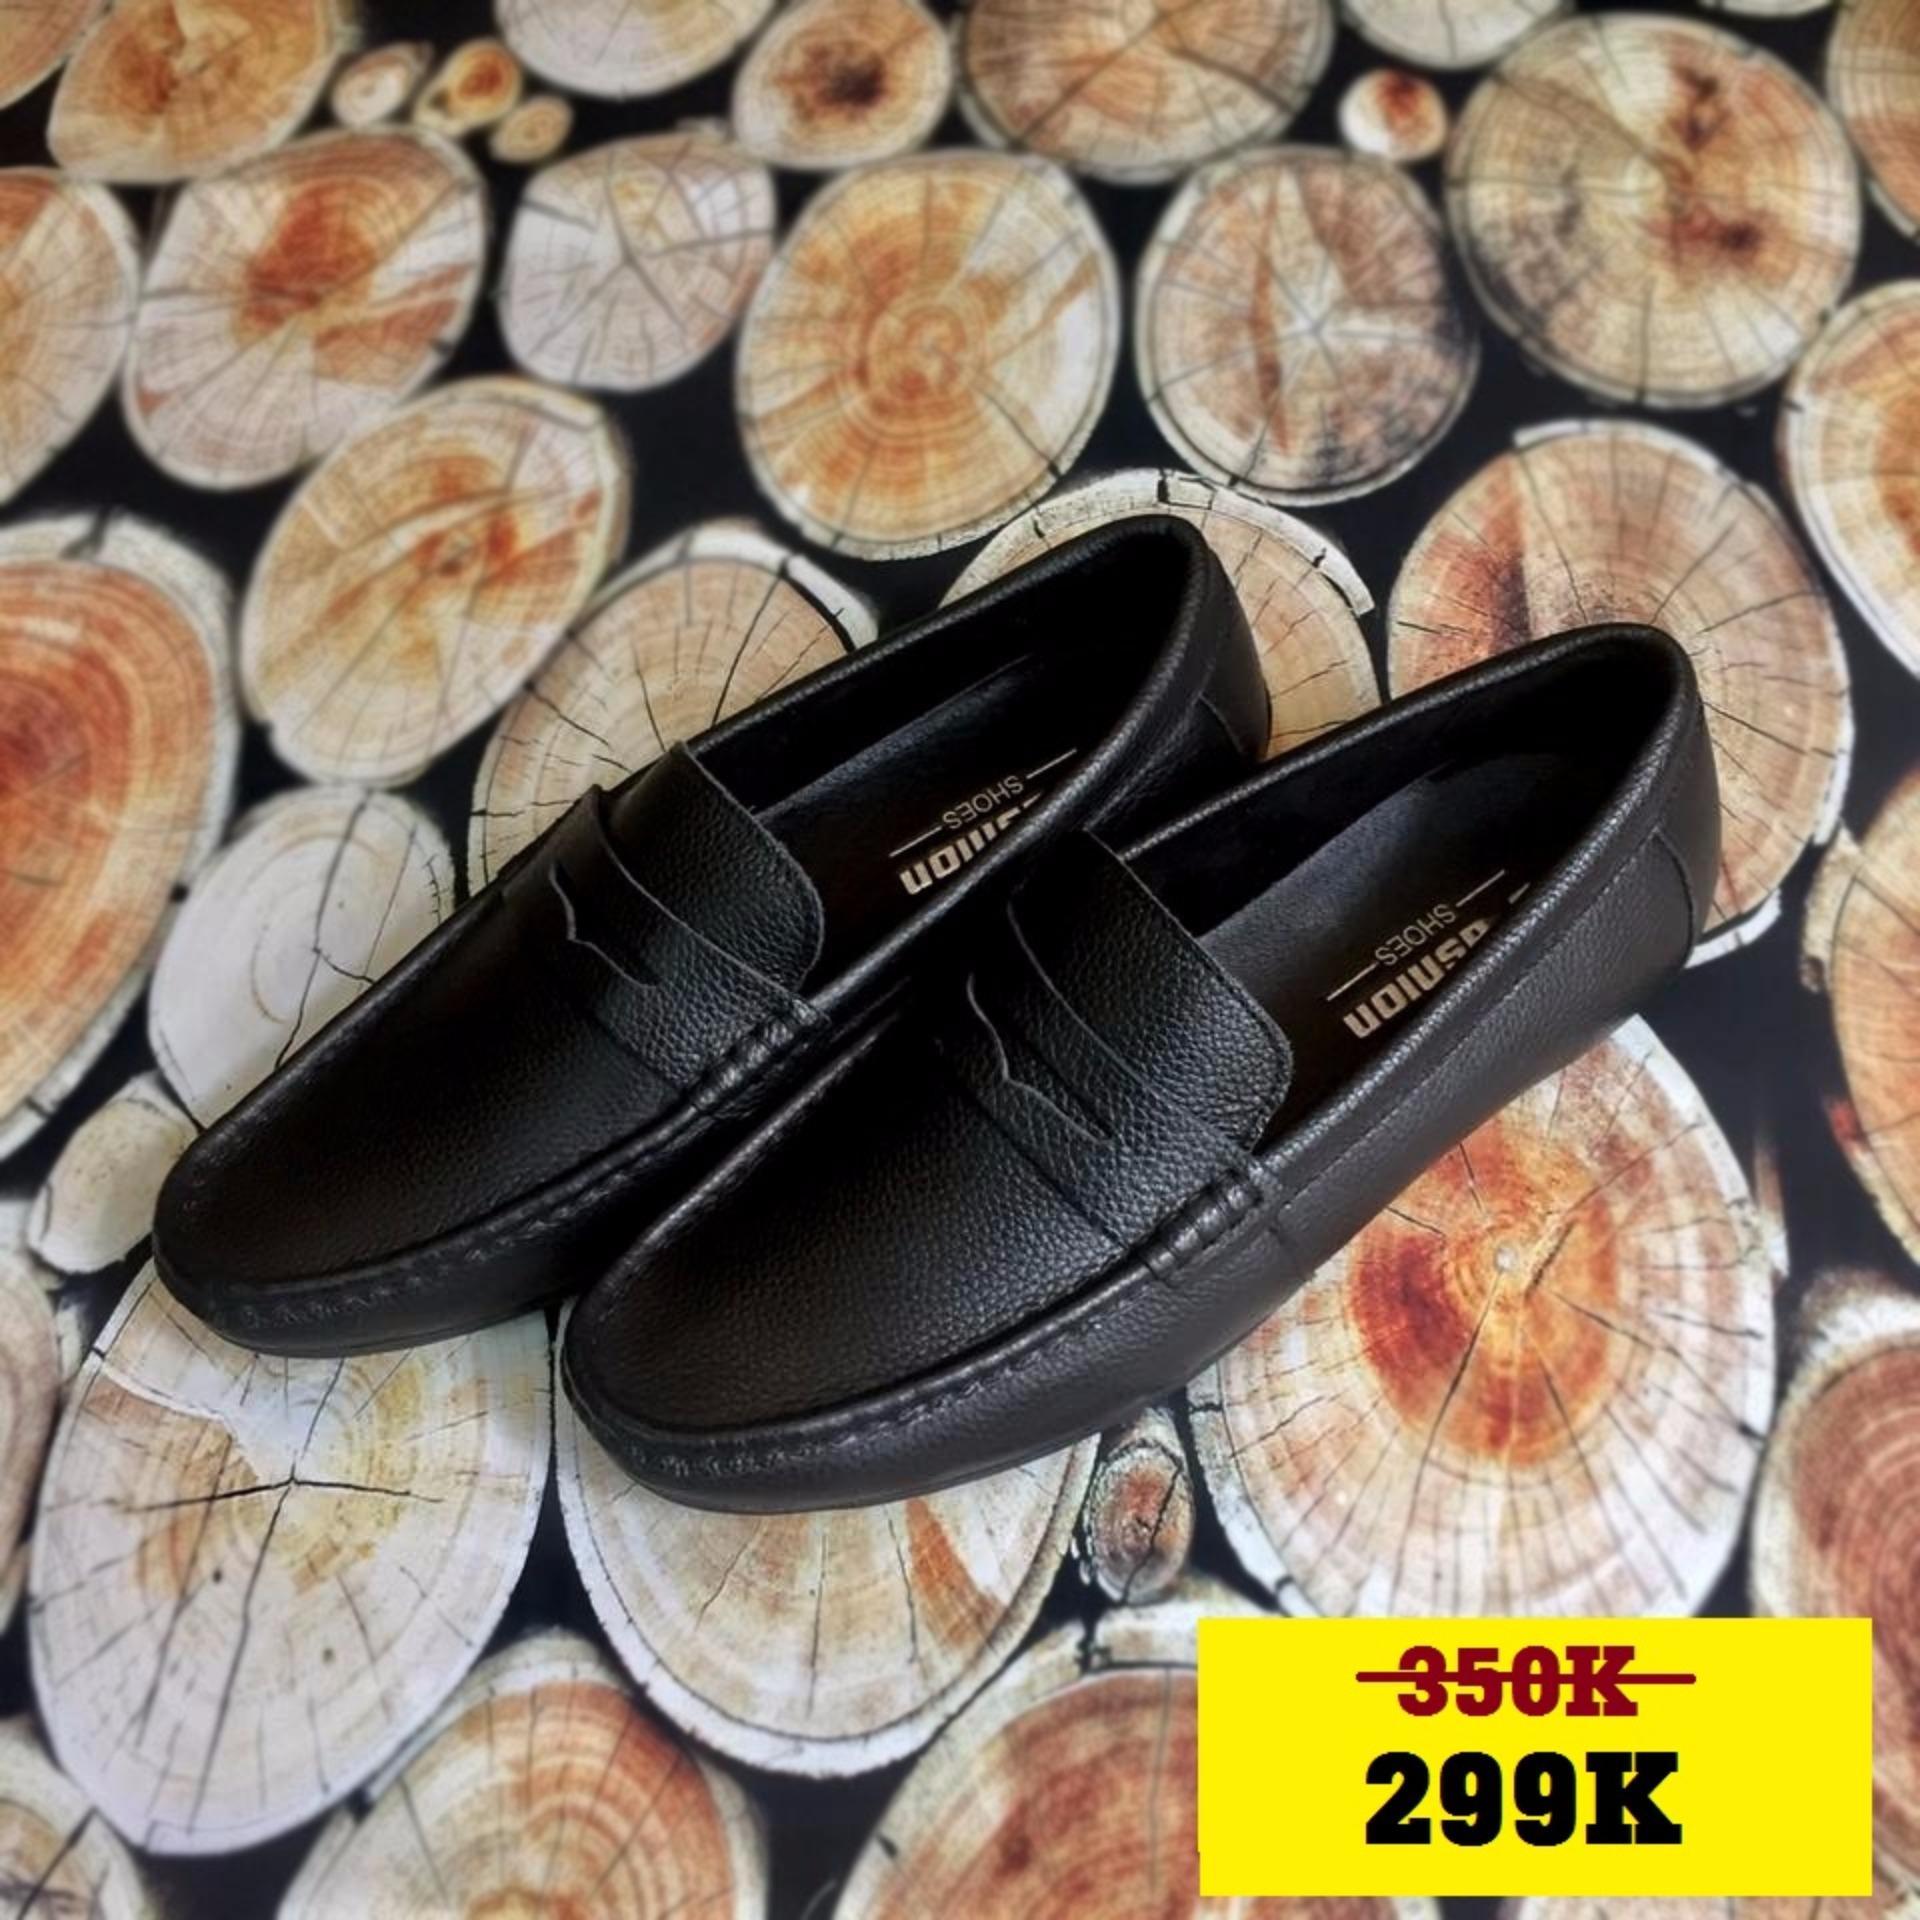 Giày Lười Da bò 100% – Xưởng đóng giày Hoàng Diệu